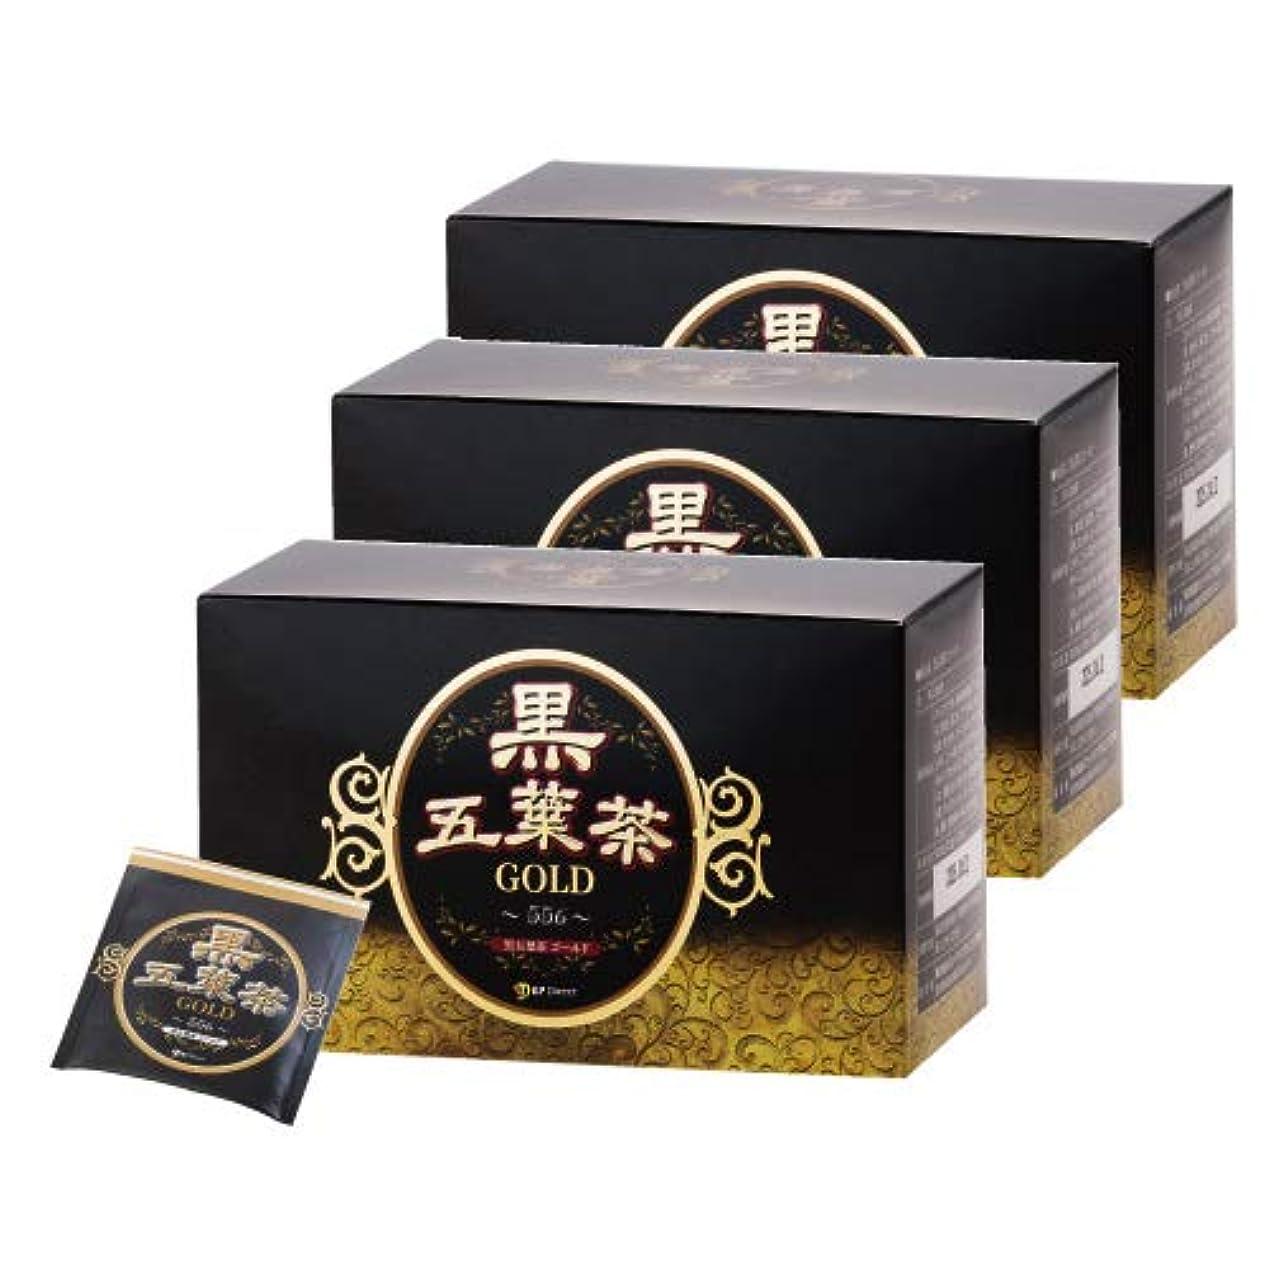 予見する月曜日パラシュート黒五葉茶ゴールド 30包 3箱セット ダイエット ダイエット茶 ダイエットティー ハーブティー 難消化性デキストリン